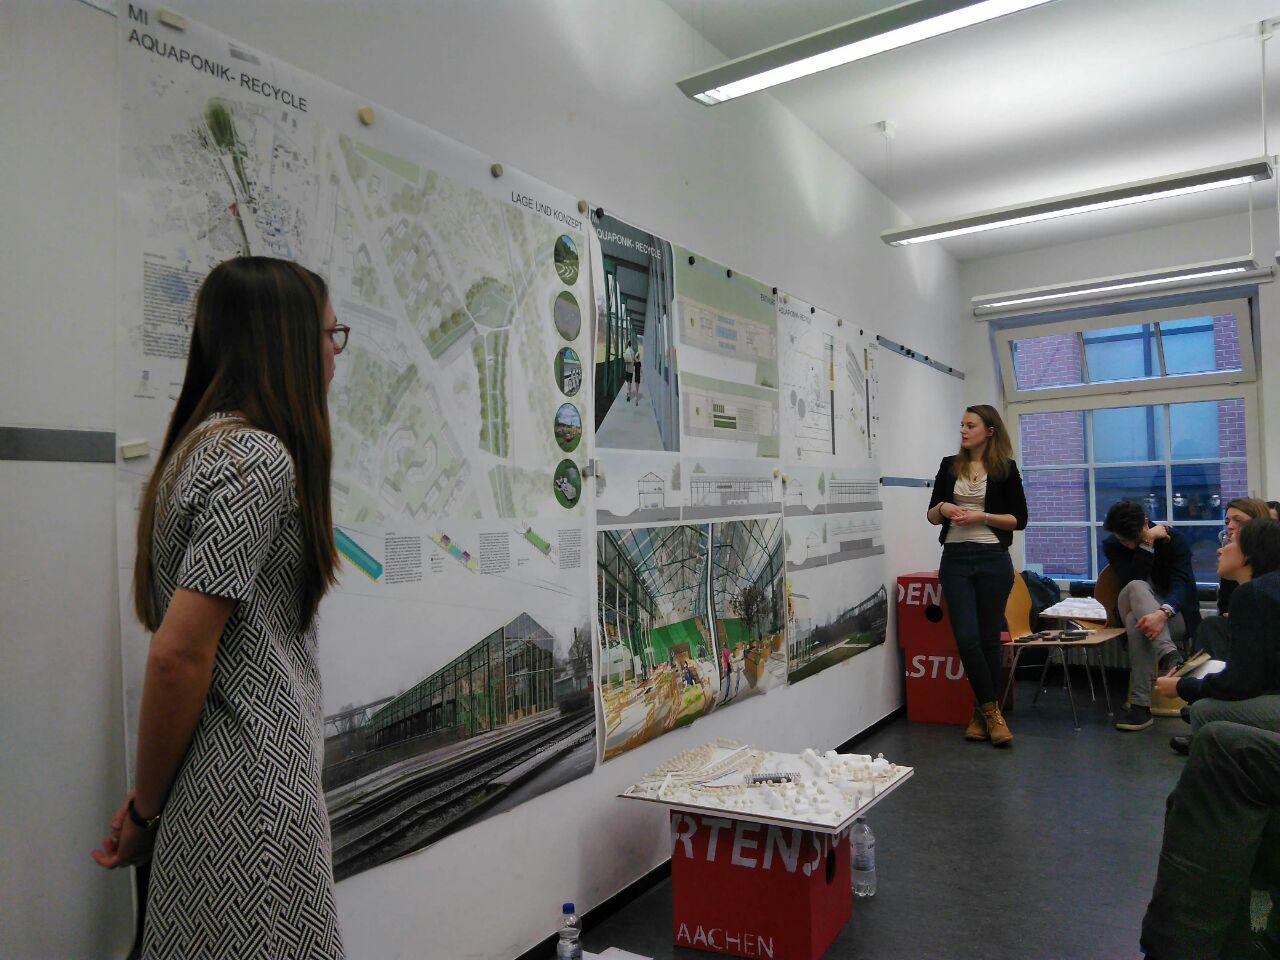 Forschungsprojekt proGIreg, Präsentation der Entwürfe, Foto: Ingo Bläser